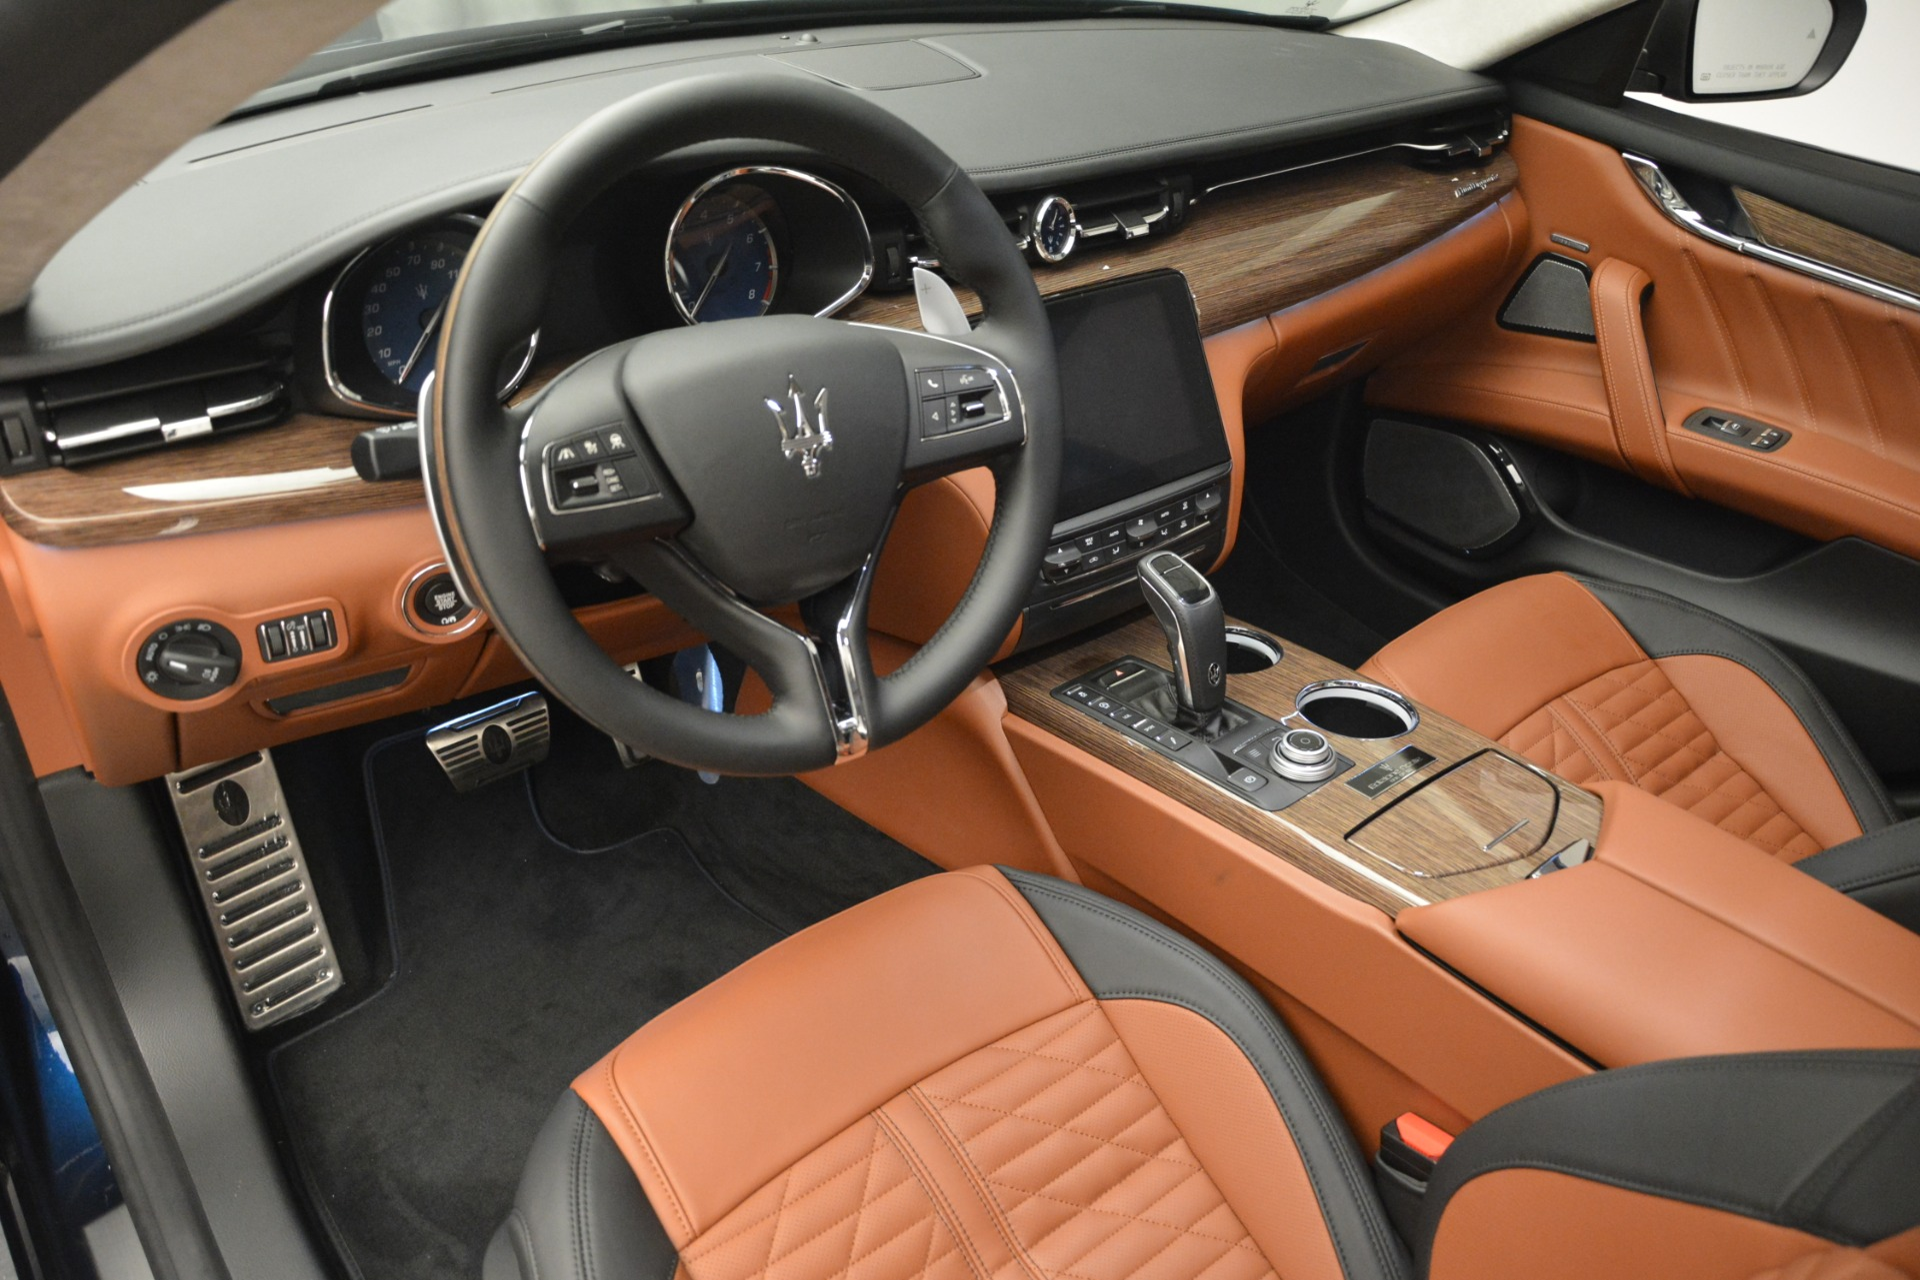 New 2019 Maserati Quattroporte S Q4 GranLusso Edizione Nobile For Sale In Westport, CT 2858_p19